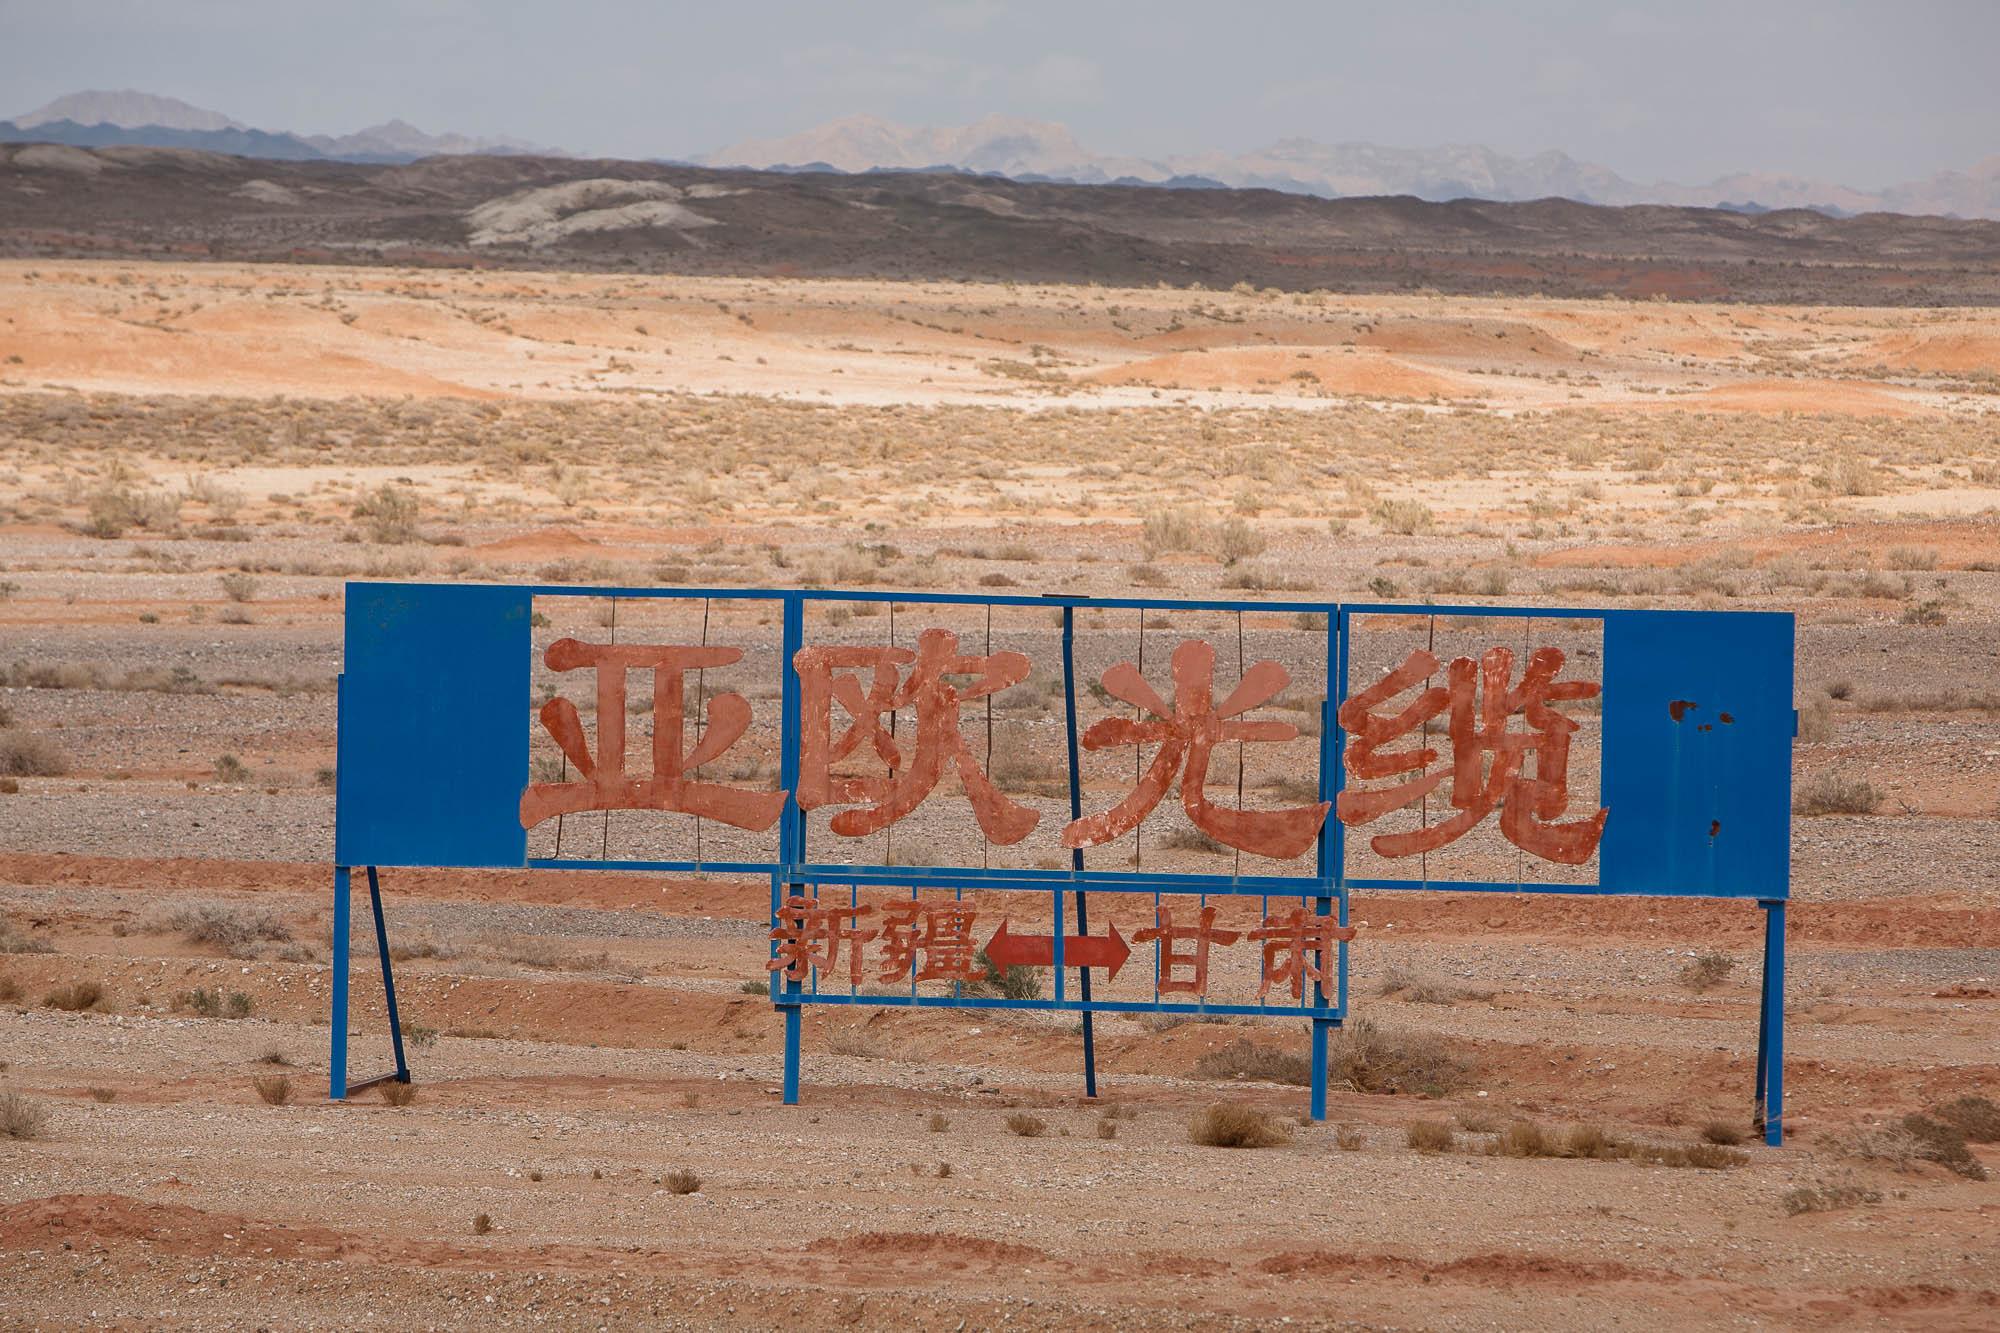 Xinjiang - Gansu